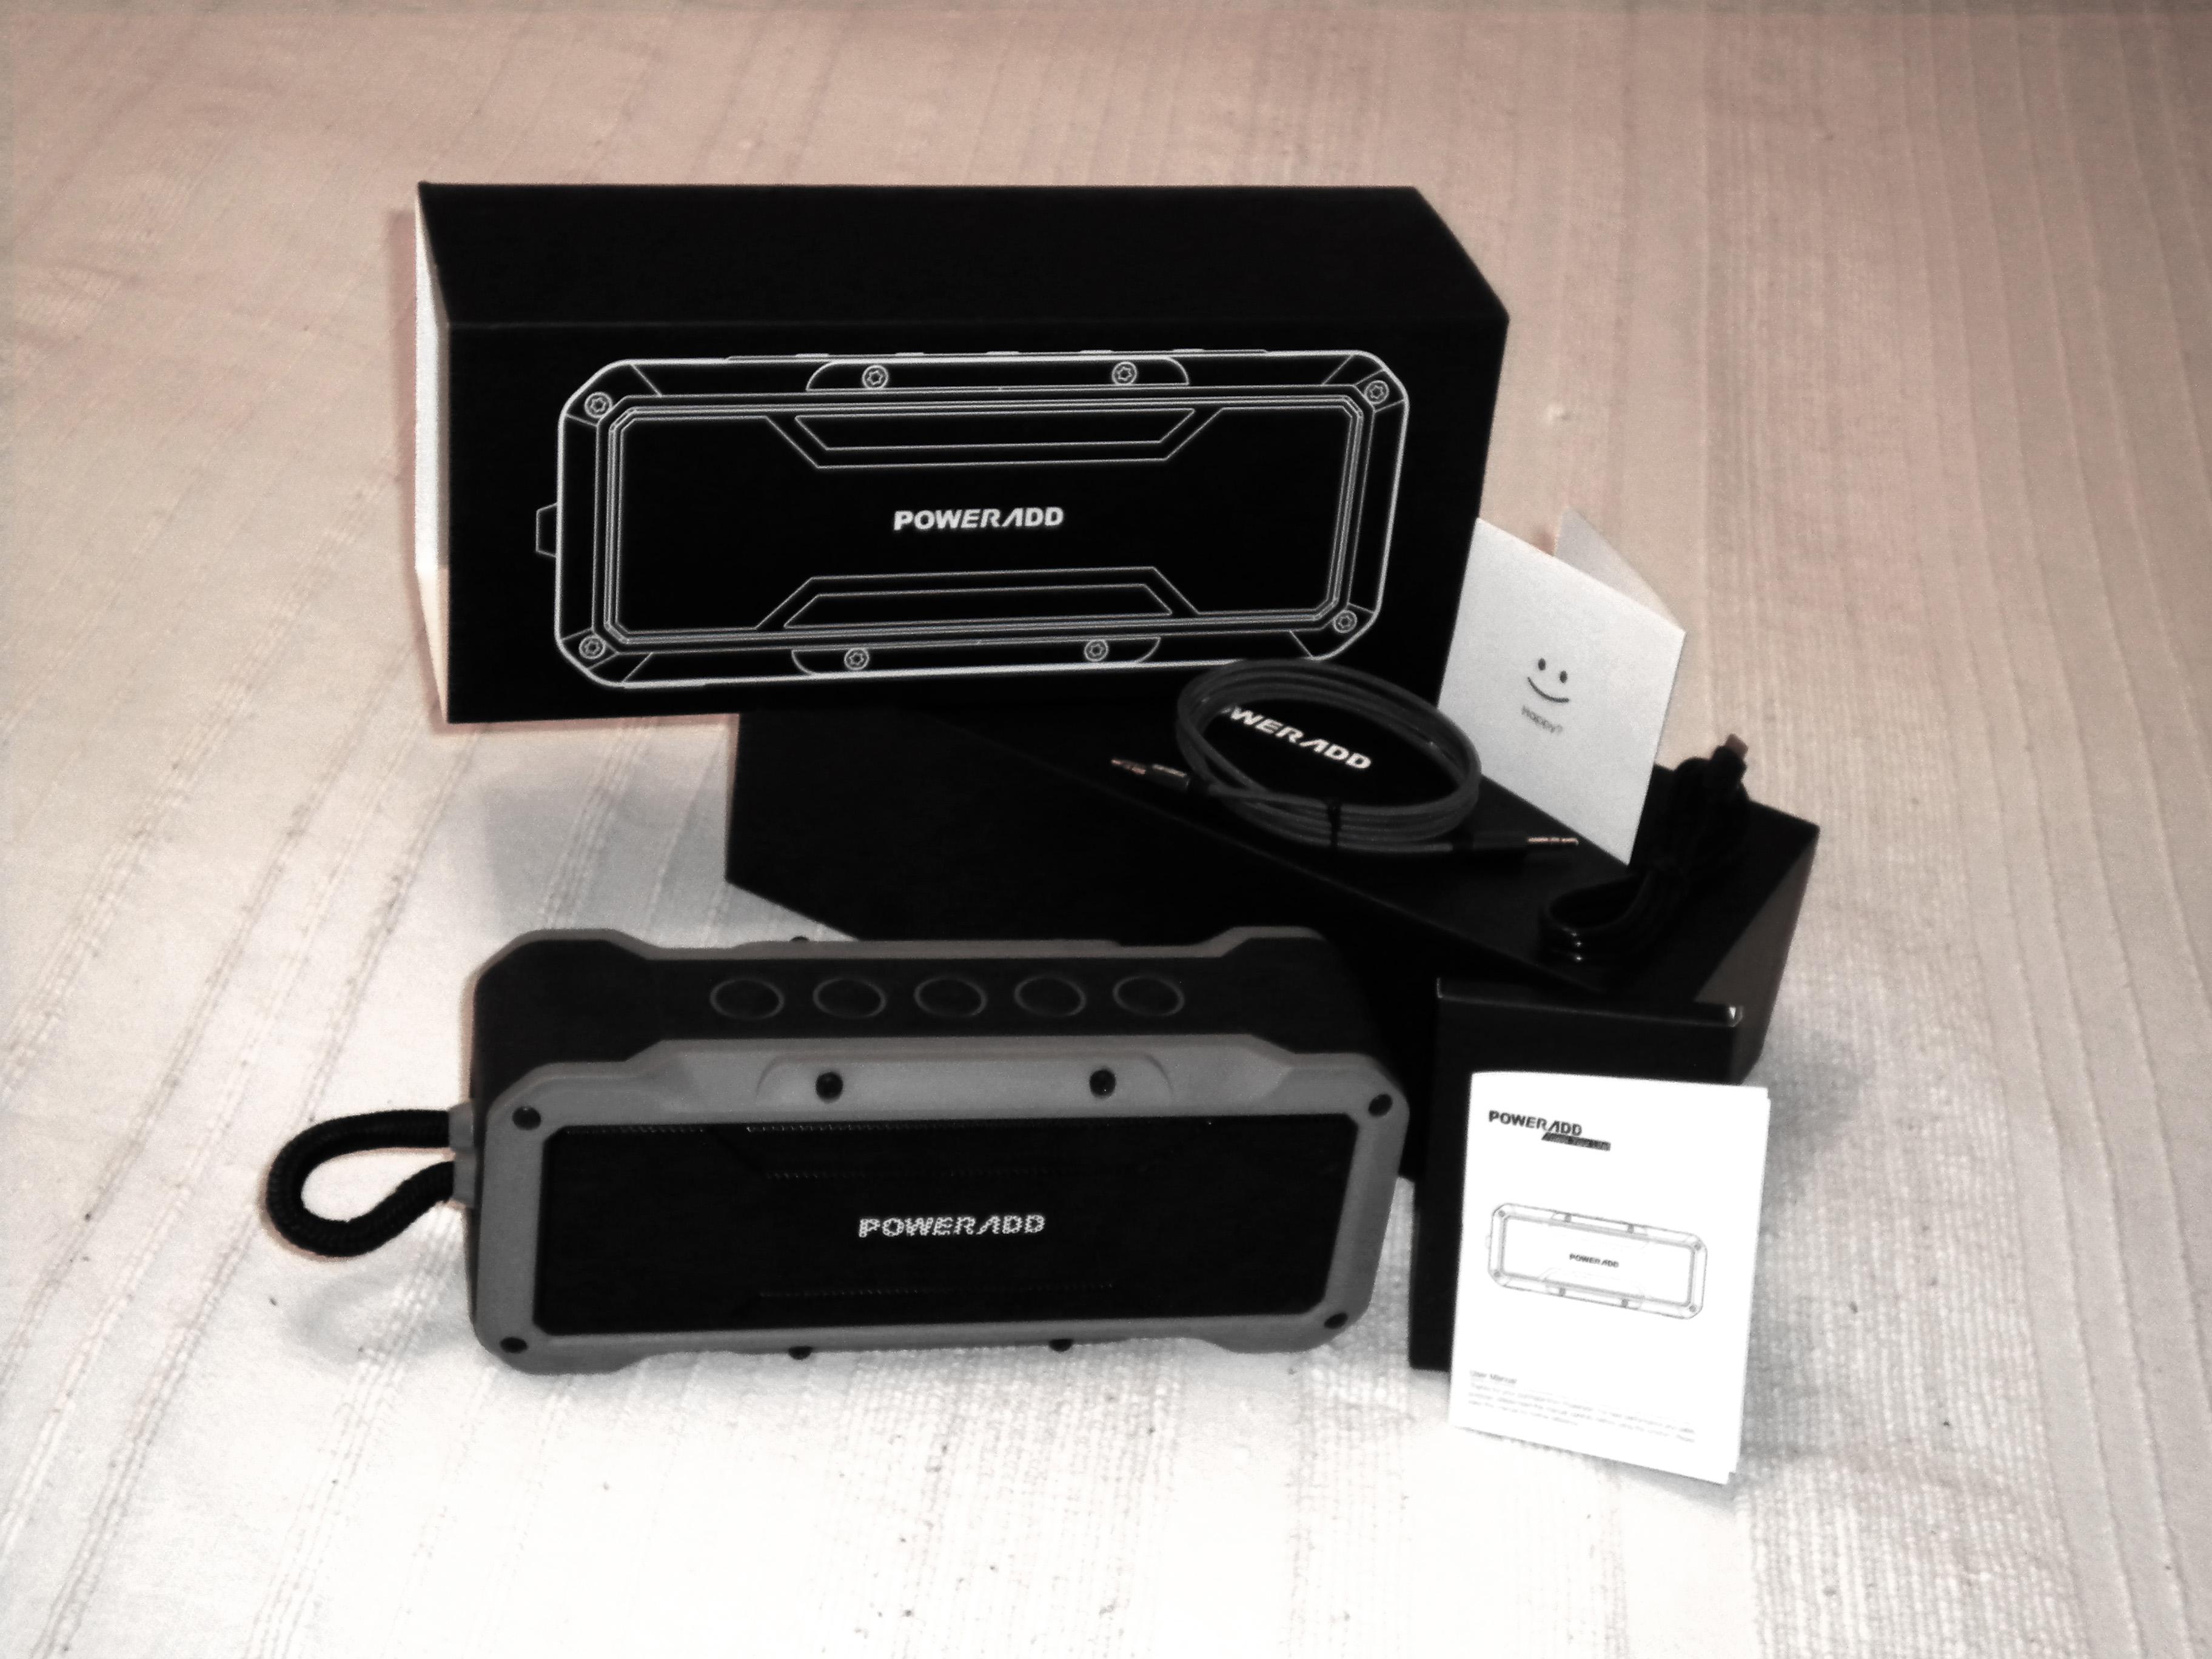 Ottimo altoparlante Bluetooth, robusto, funzionale e potente